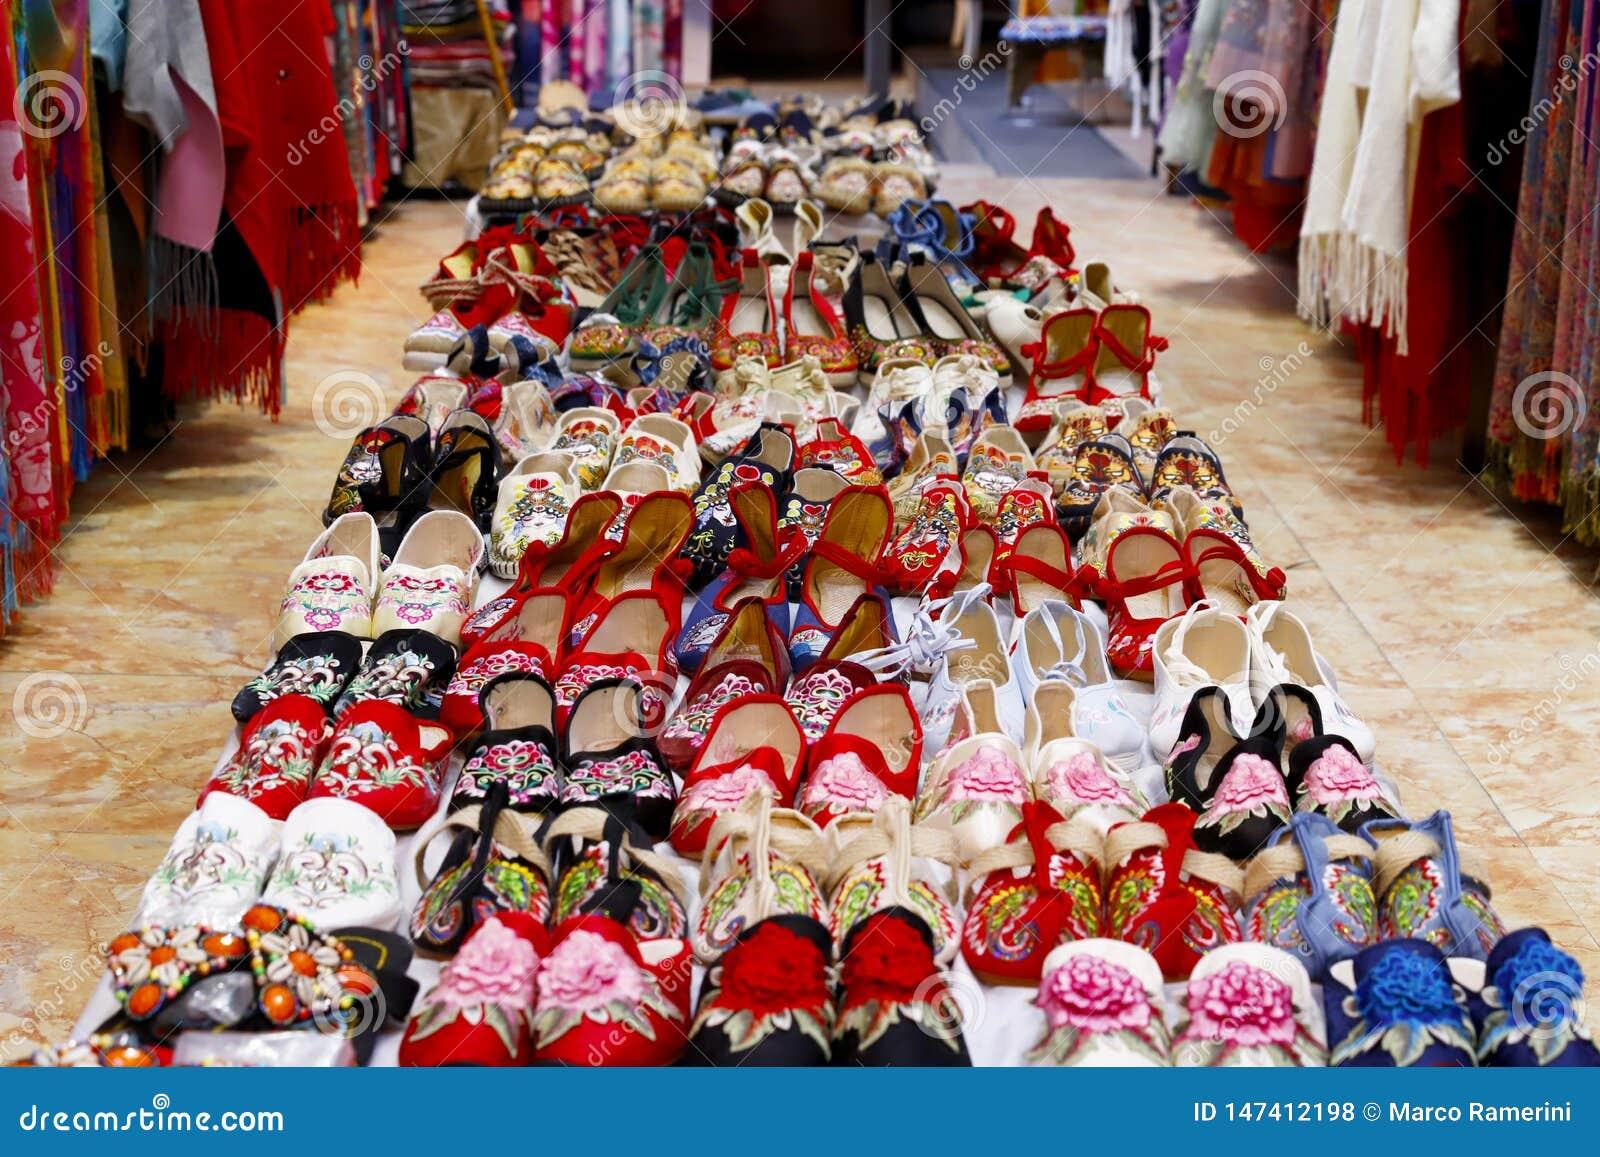 Scarpe in un negozio di scarpe nella vecchia città di Lijiang, il Yunnan, Cina